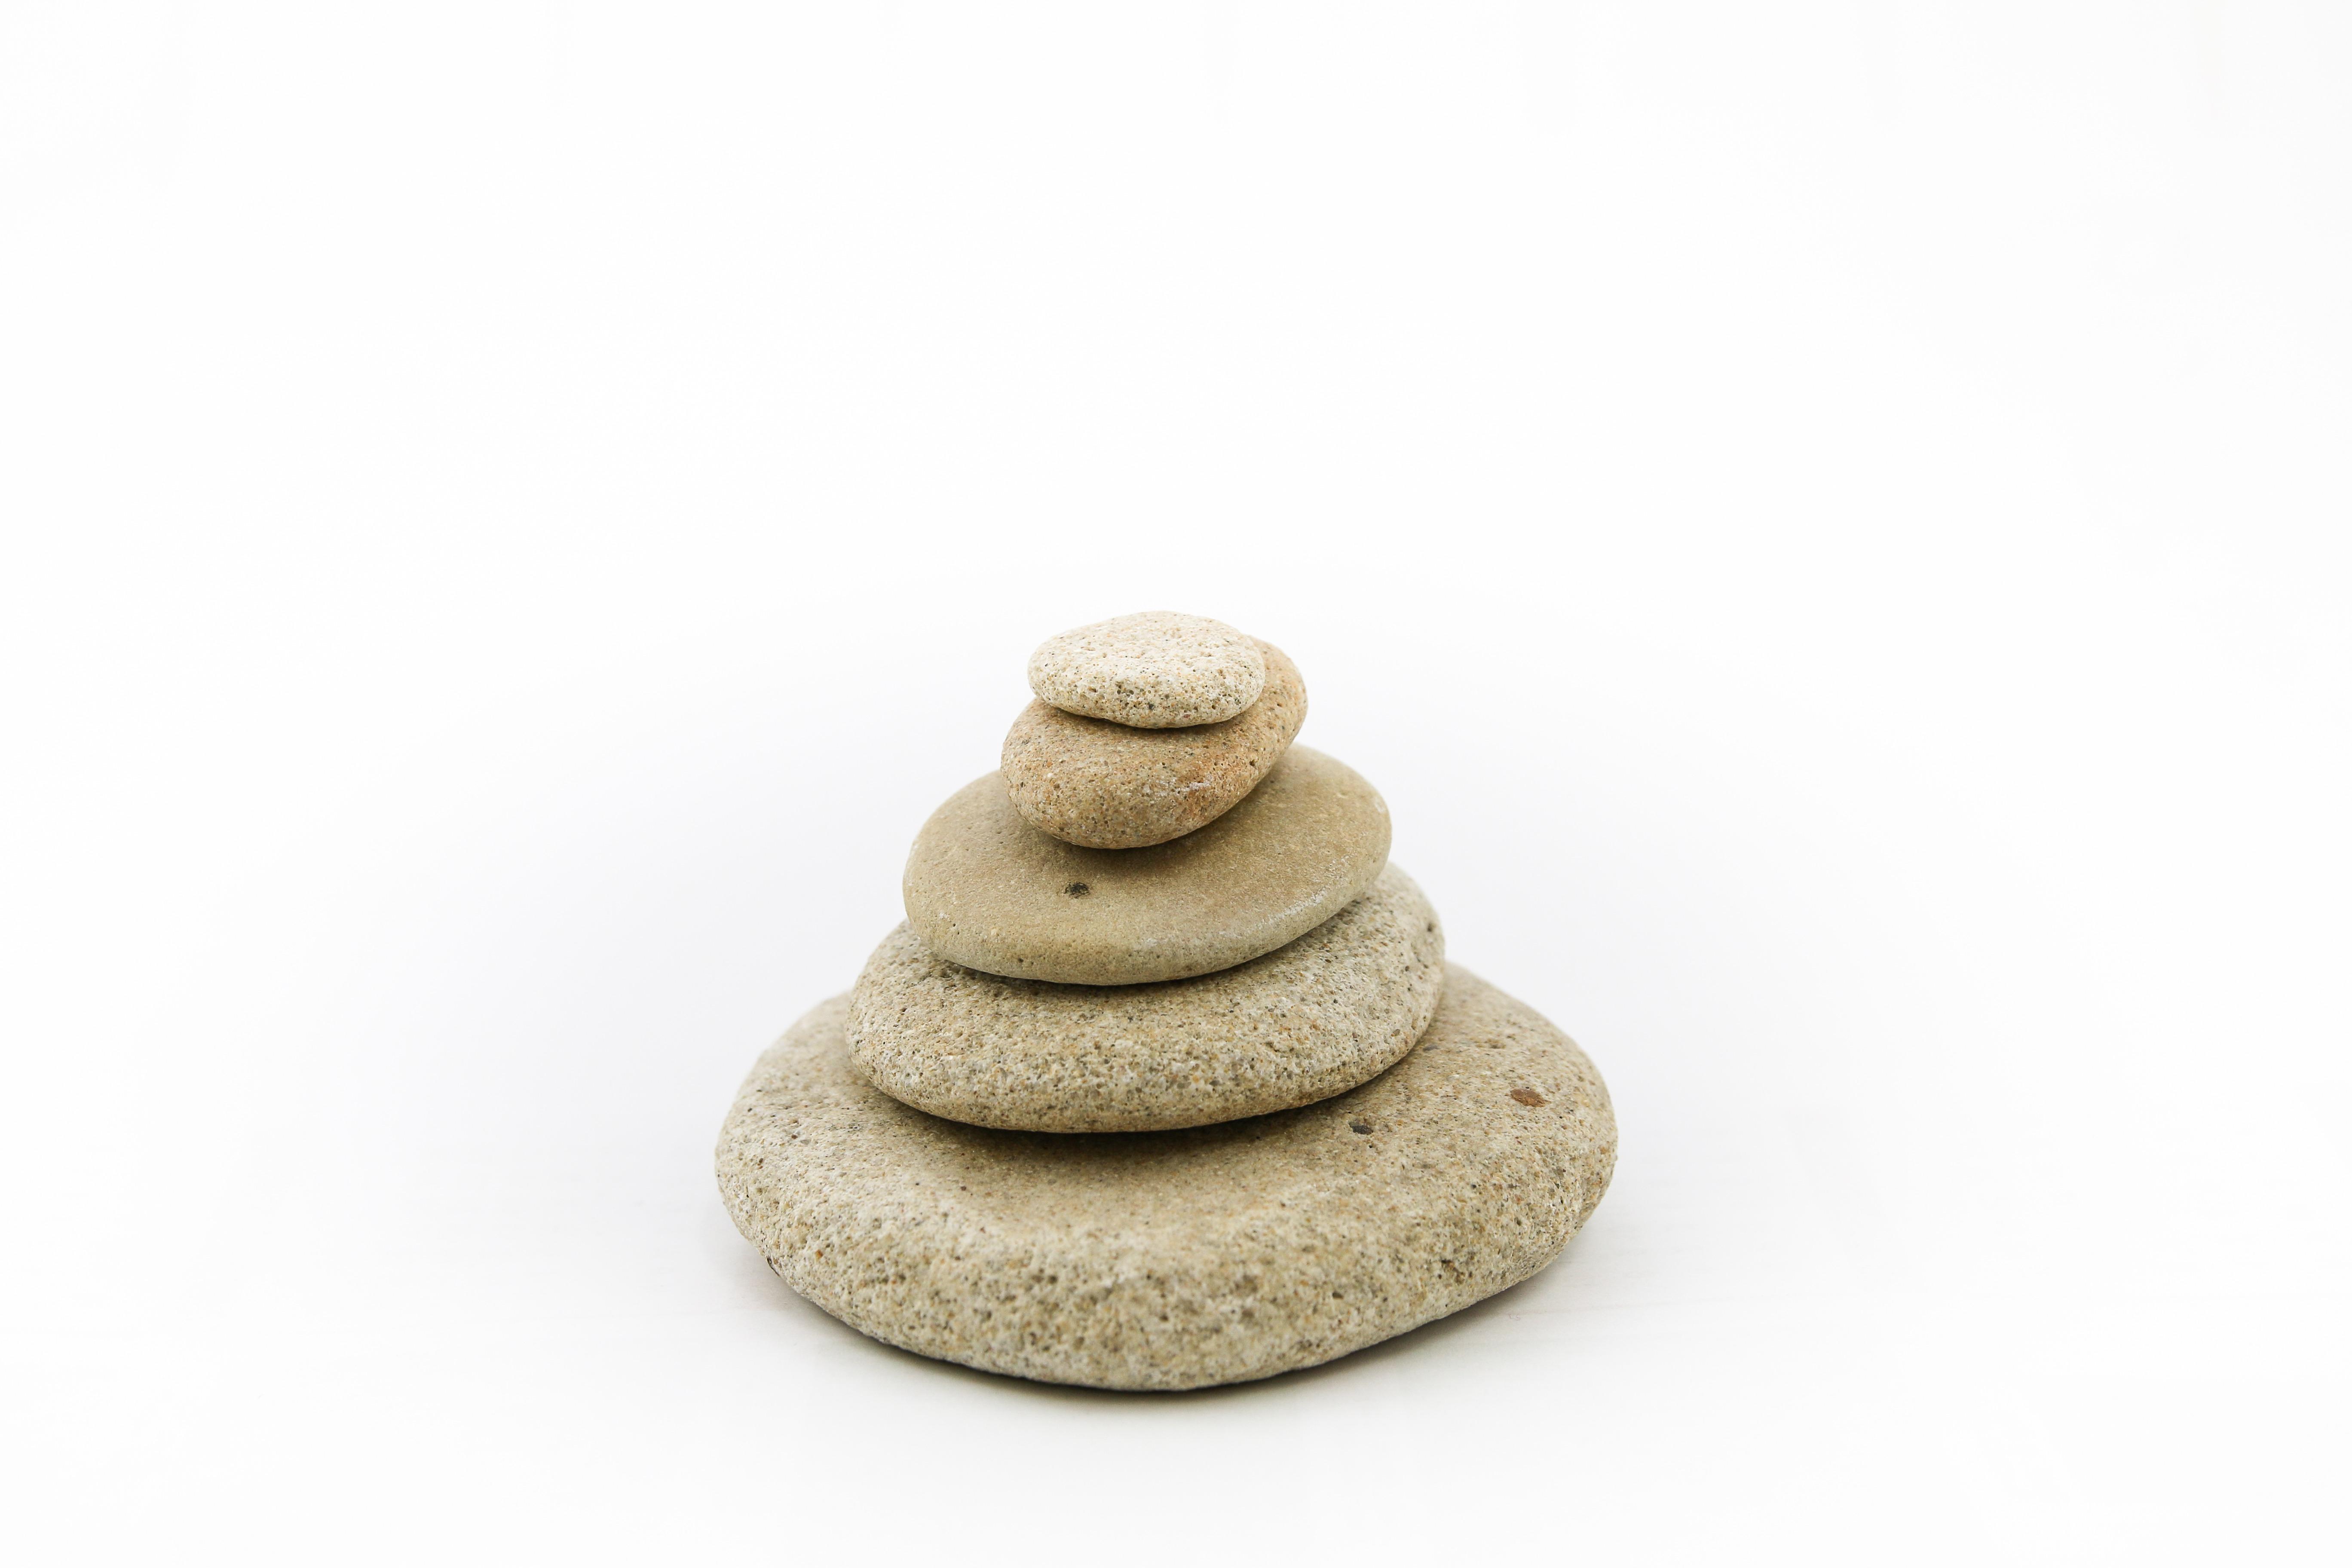 piedra apilar material zen meditacin tranquilidad de espritu las piedras sobre un fondo blanco - Piedras Zen